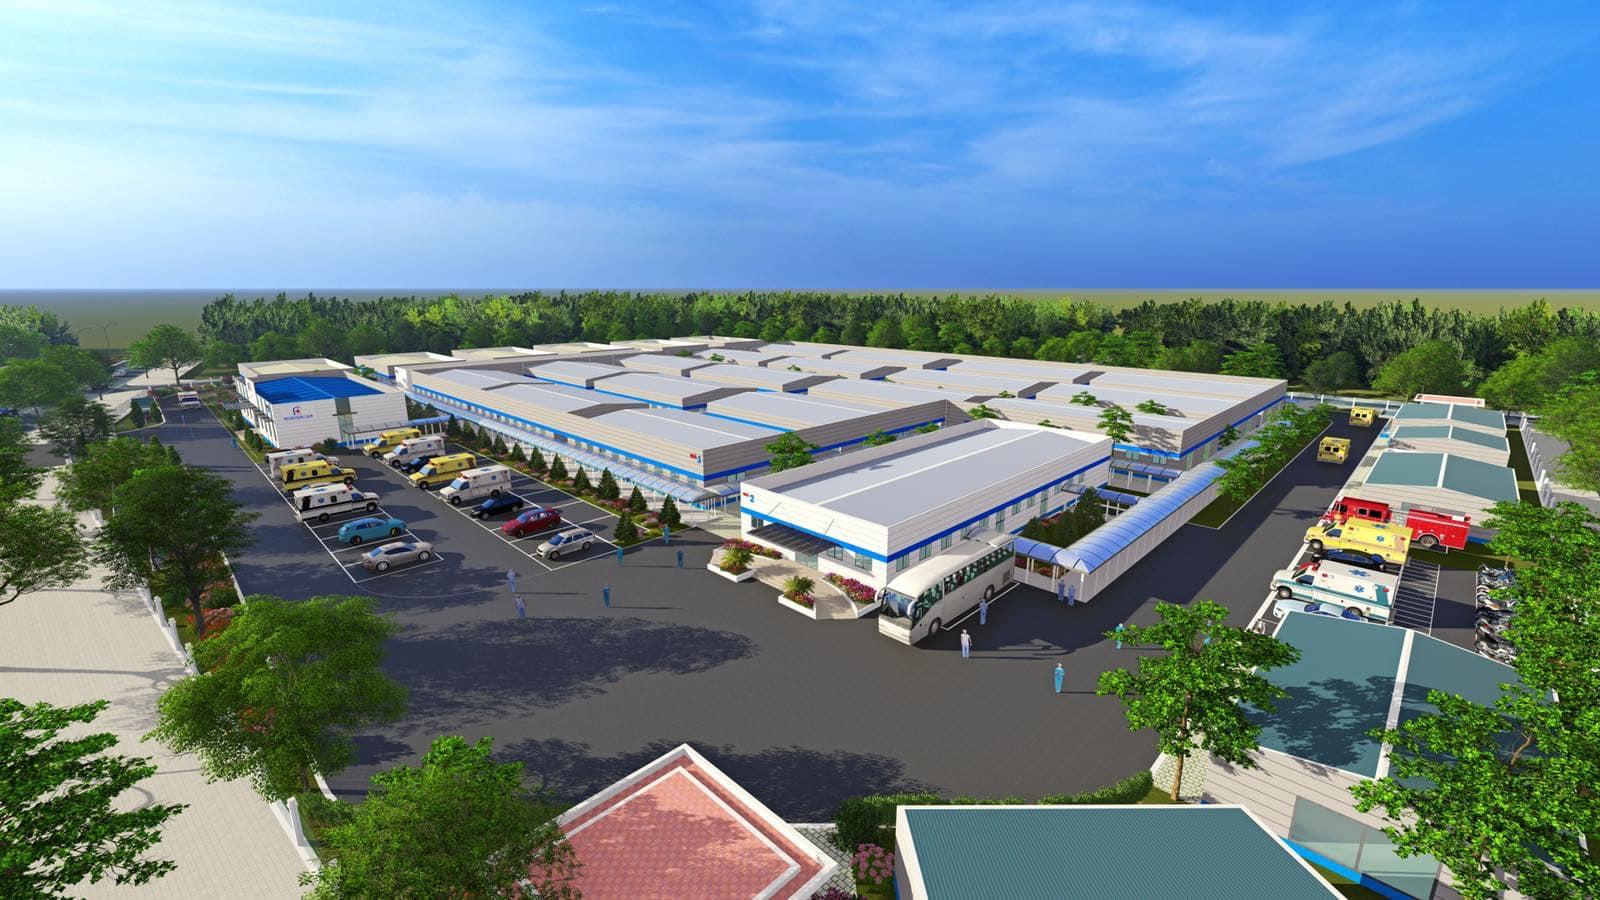 Thành lập Bệnh viện điều trị Covid-19 tại Hà Nội - Ảnh 1.